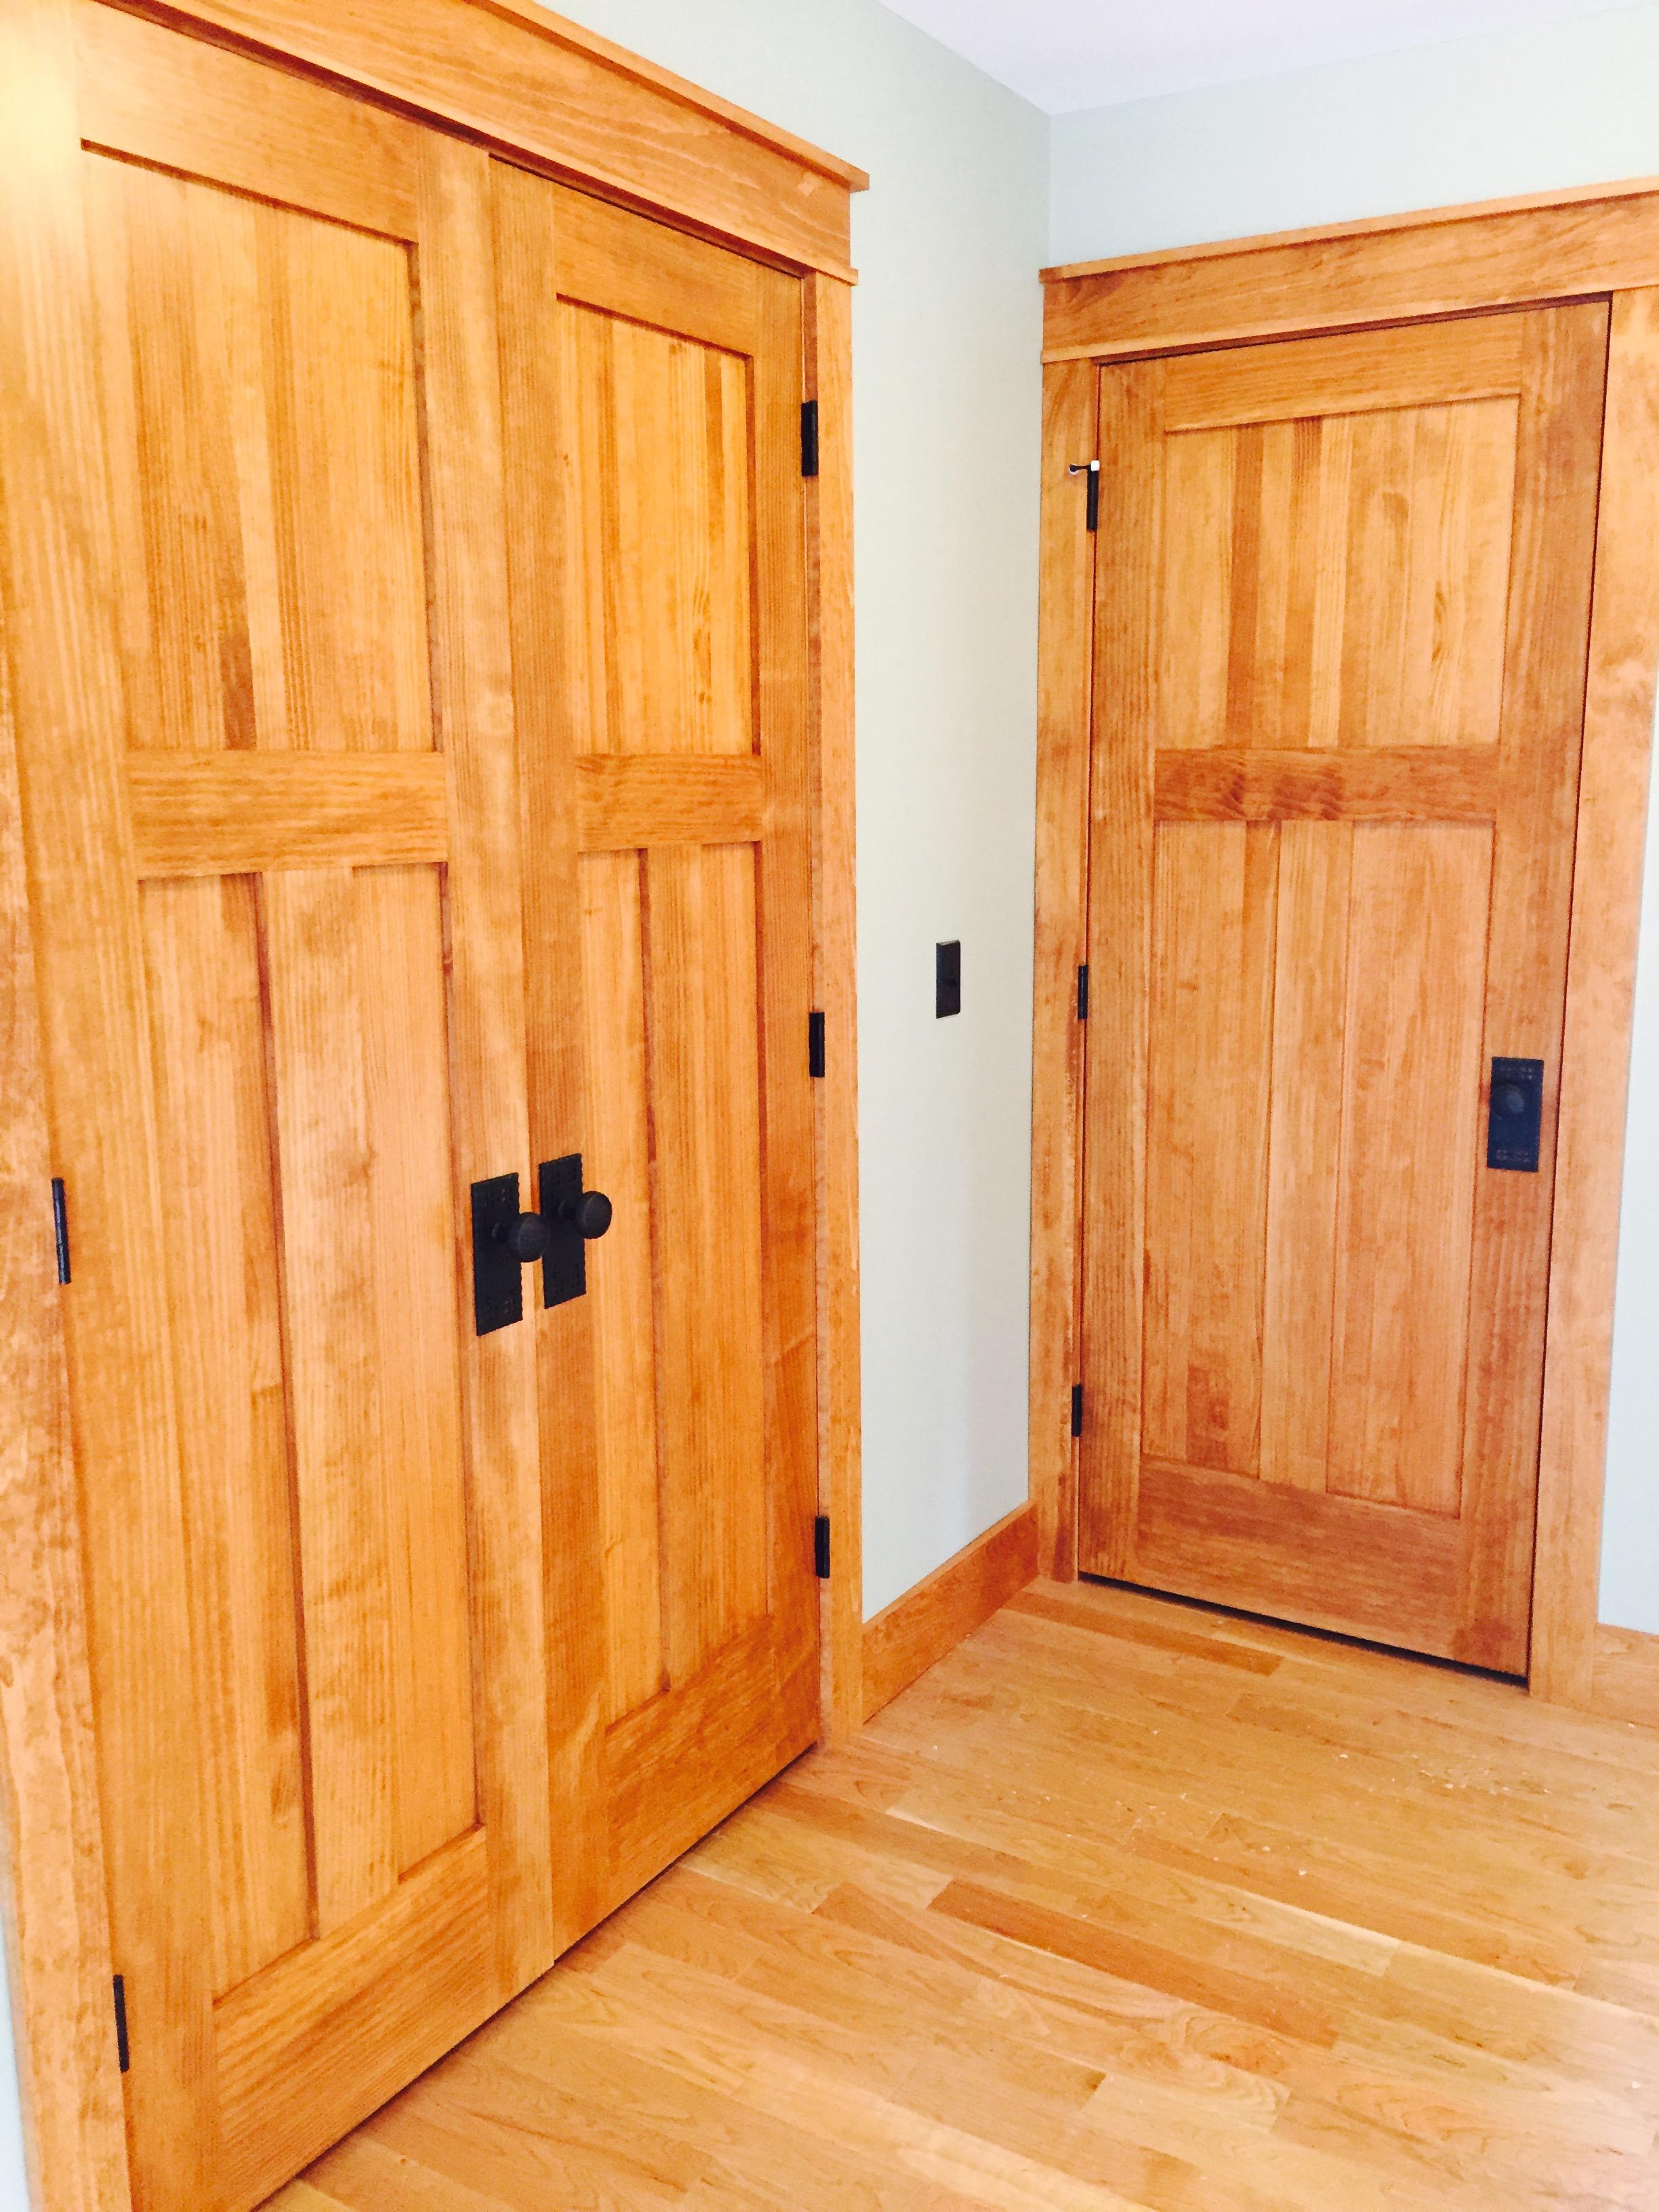 Craftman pine doors